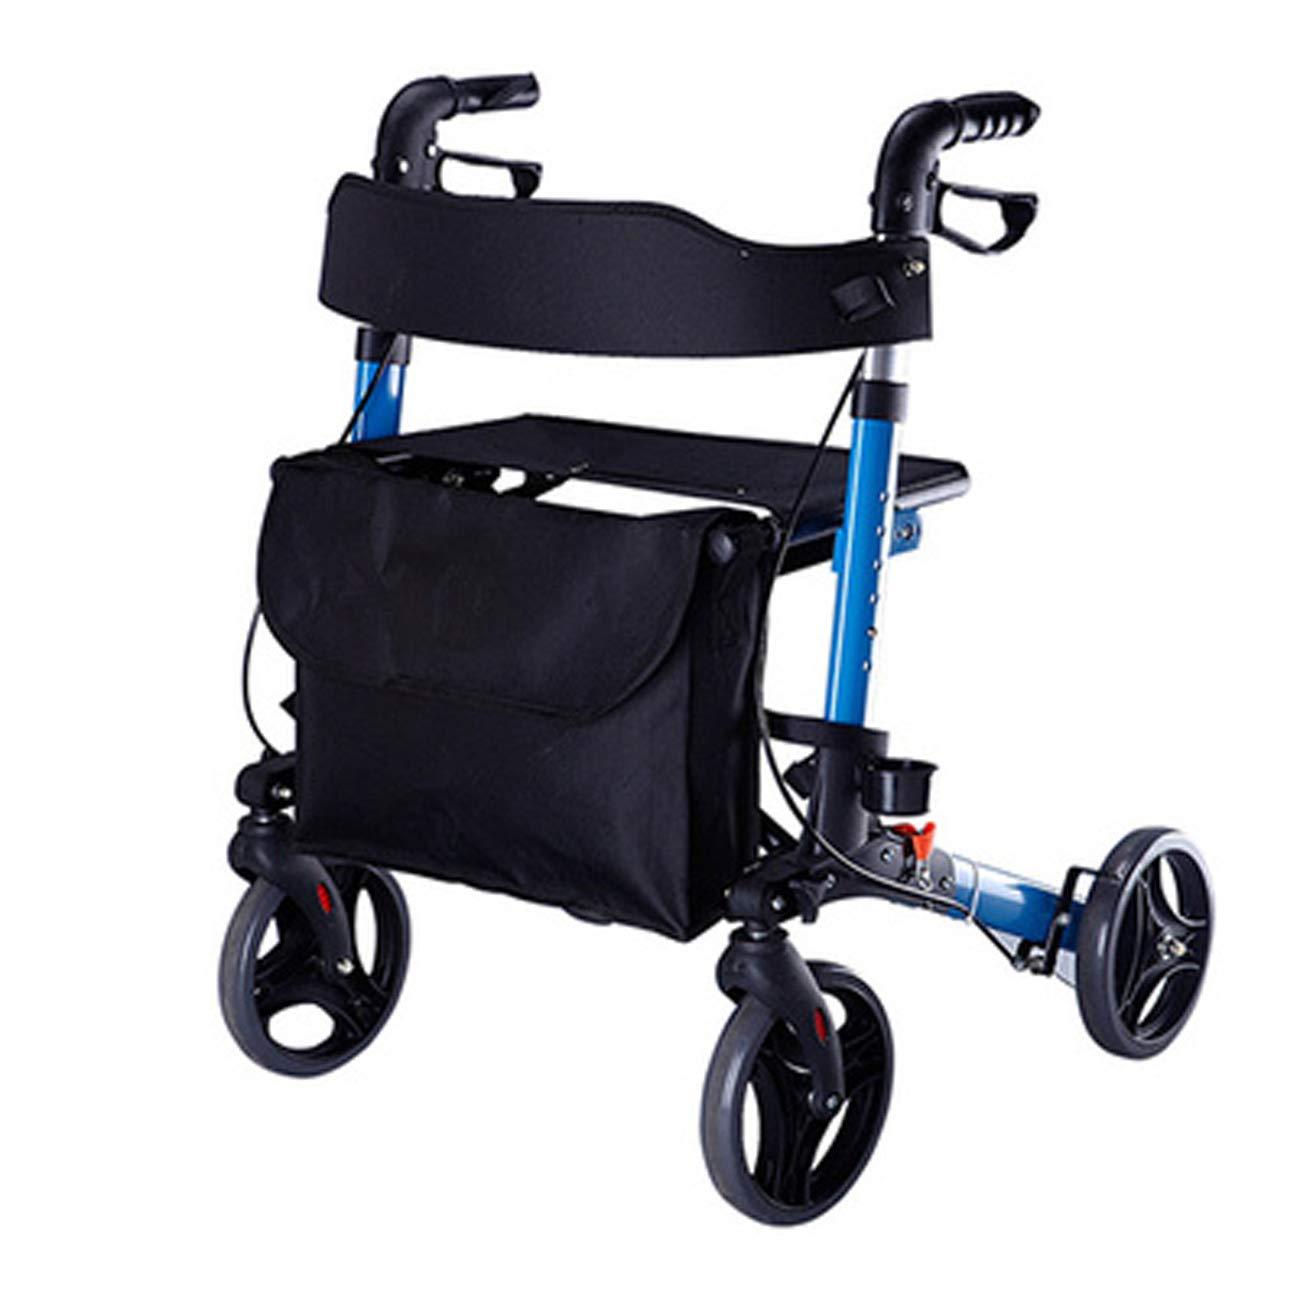 100%の保証 高齢者ウォーカー、ポータブルキャスターシート補助ウォーカー、軽量障害クワッドバイクショッピングカートウォーカー   B07L94V1VQ, マイスタイルゴルフ:48251421 --- a0267596.xsph.ru